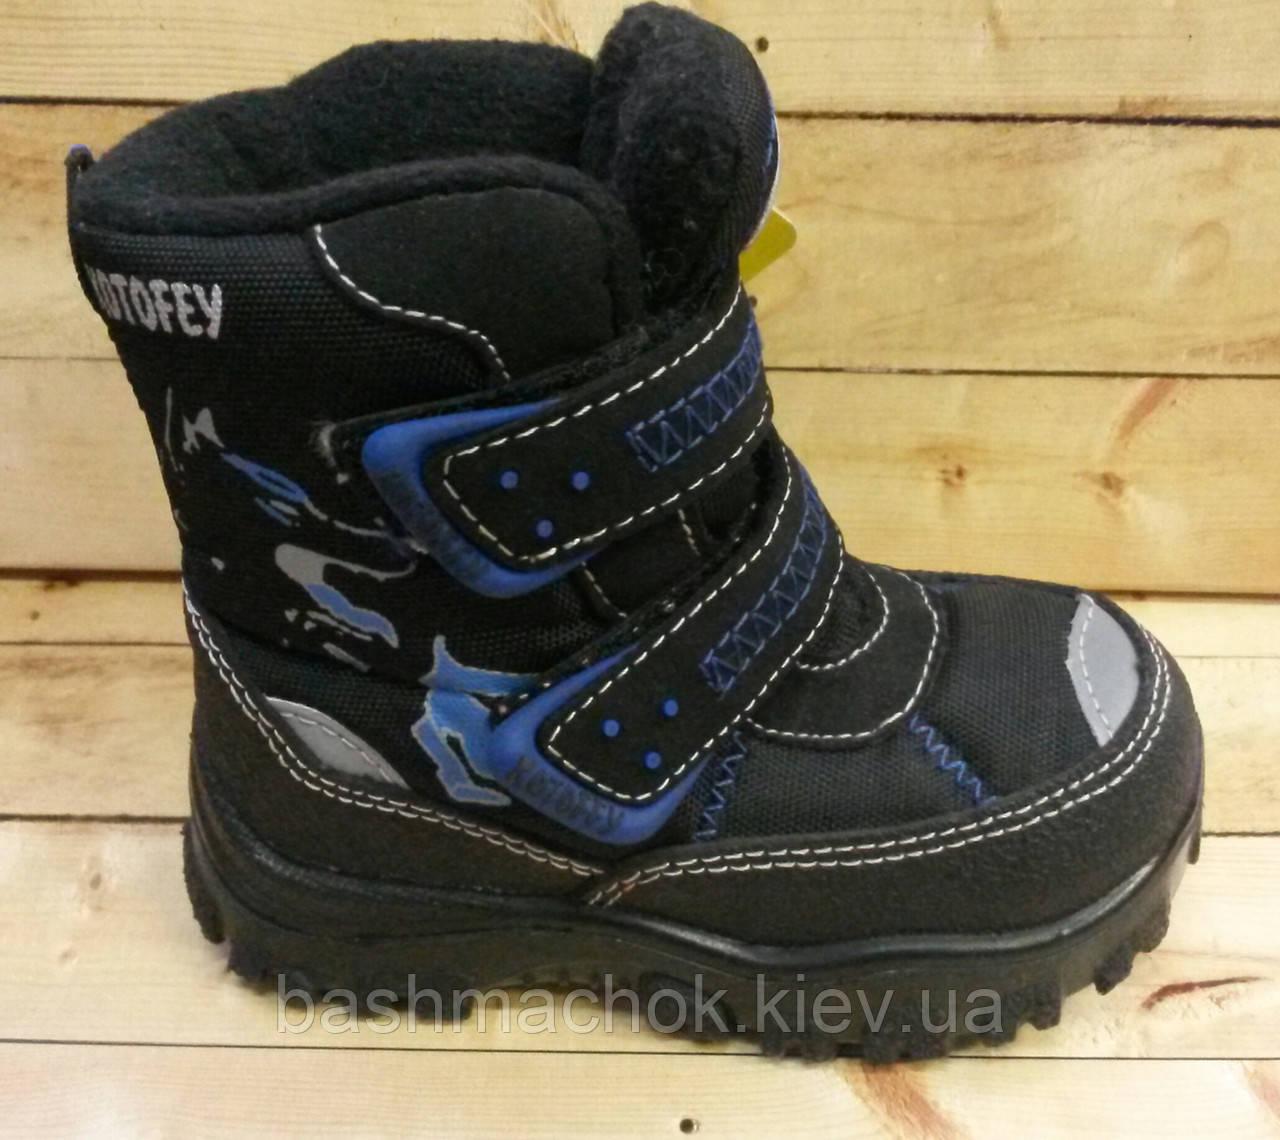 68235dd5f Детская мембранные ботинки Котофей на шерсти размер 22 - Интернет-магазин  детской обуви